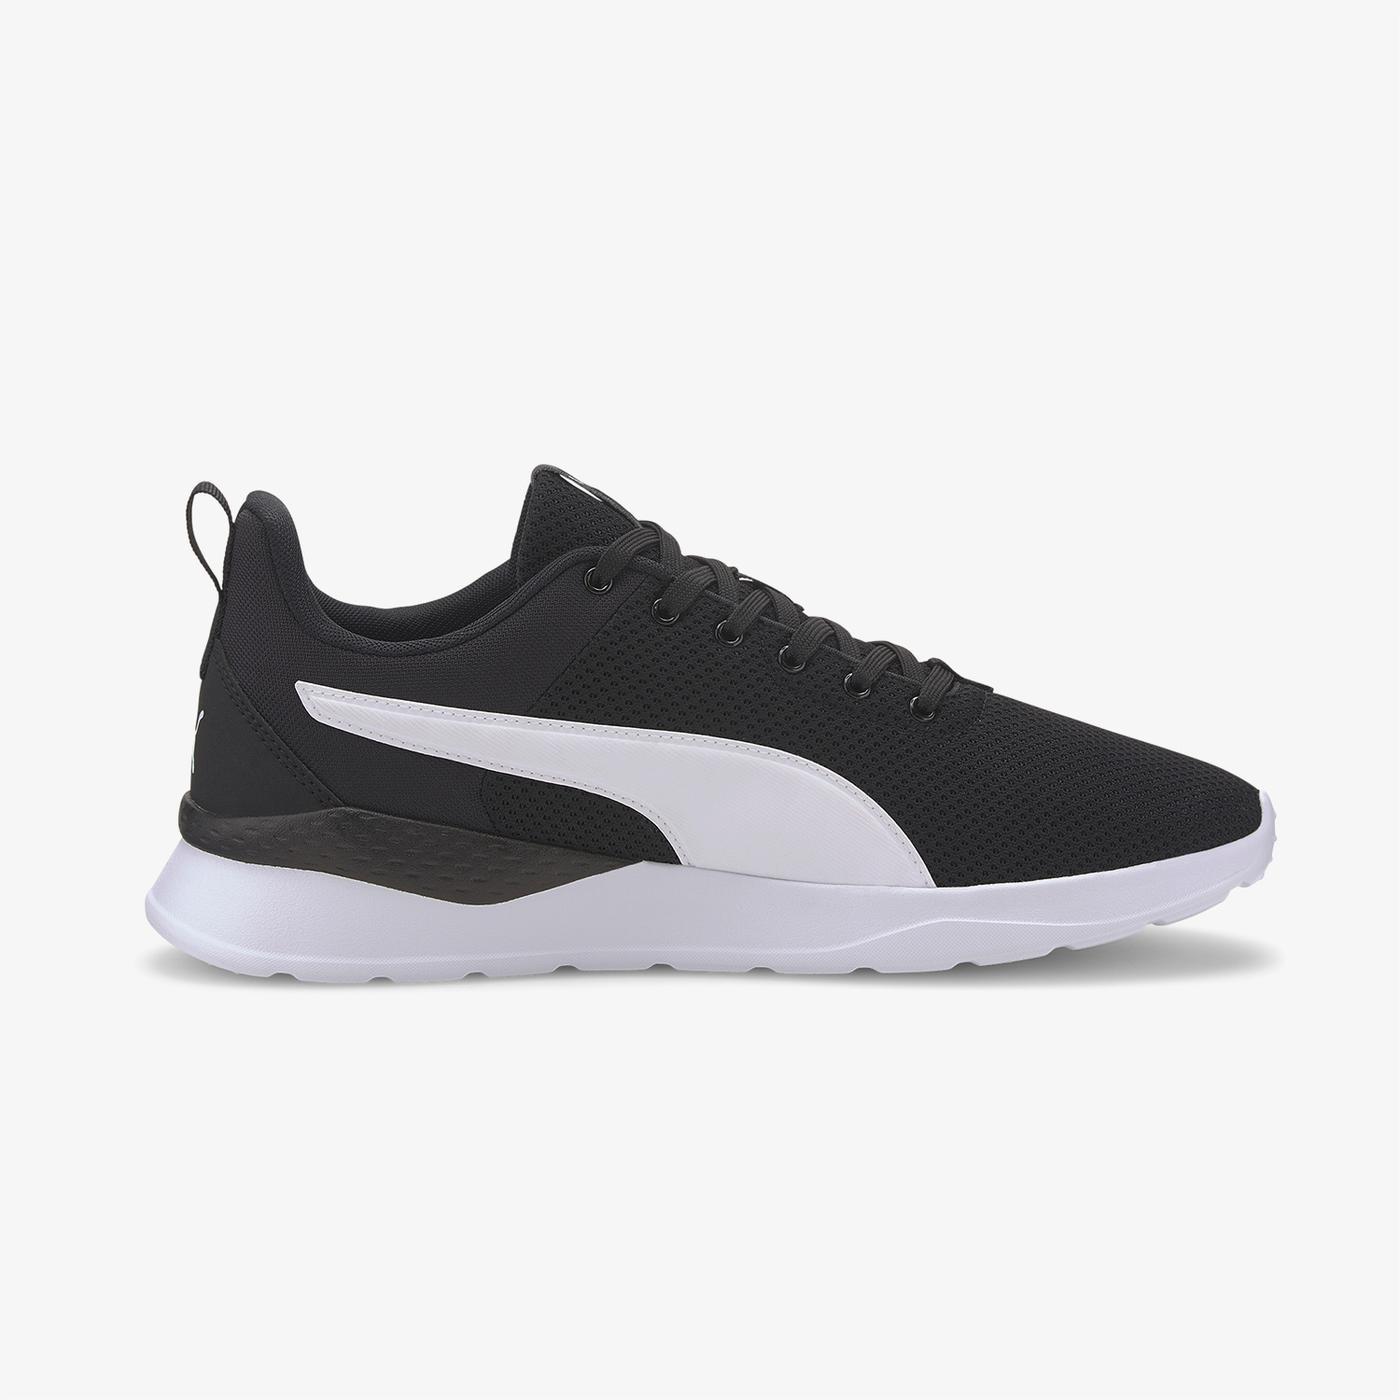 Puma Anzarun Lite Erkek Siyah Spor Ayakkabı